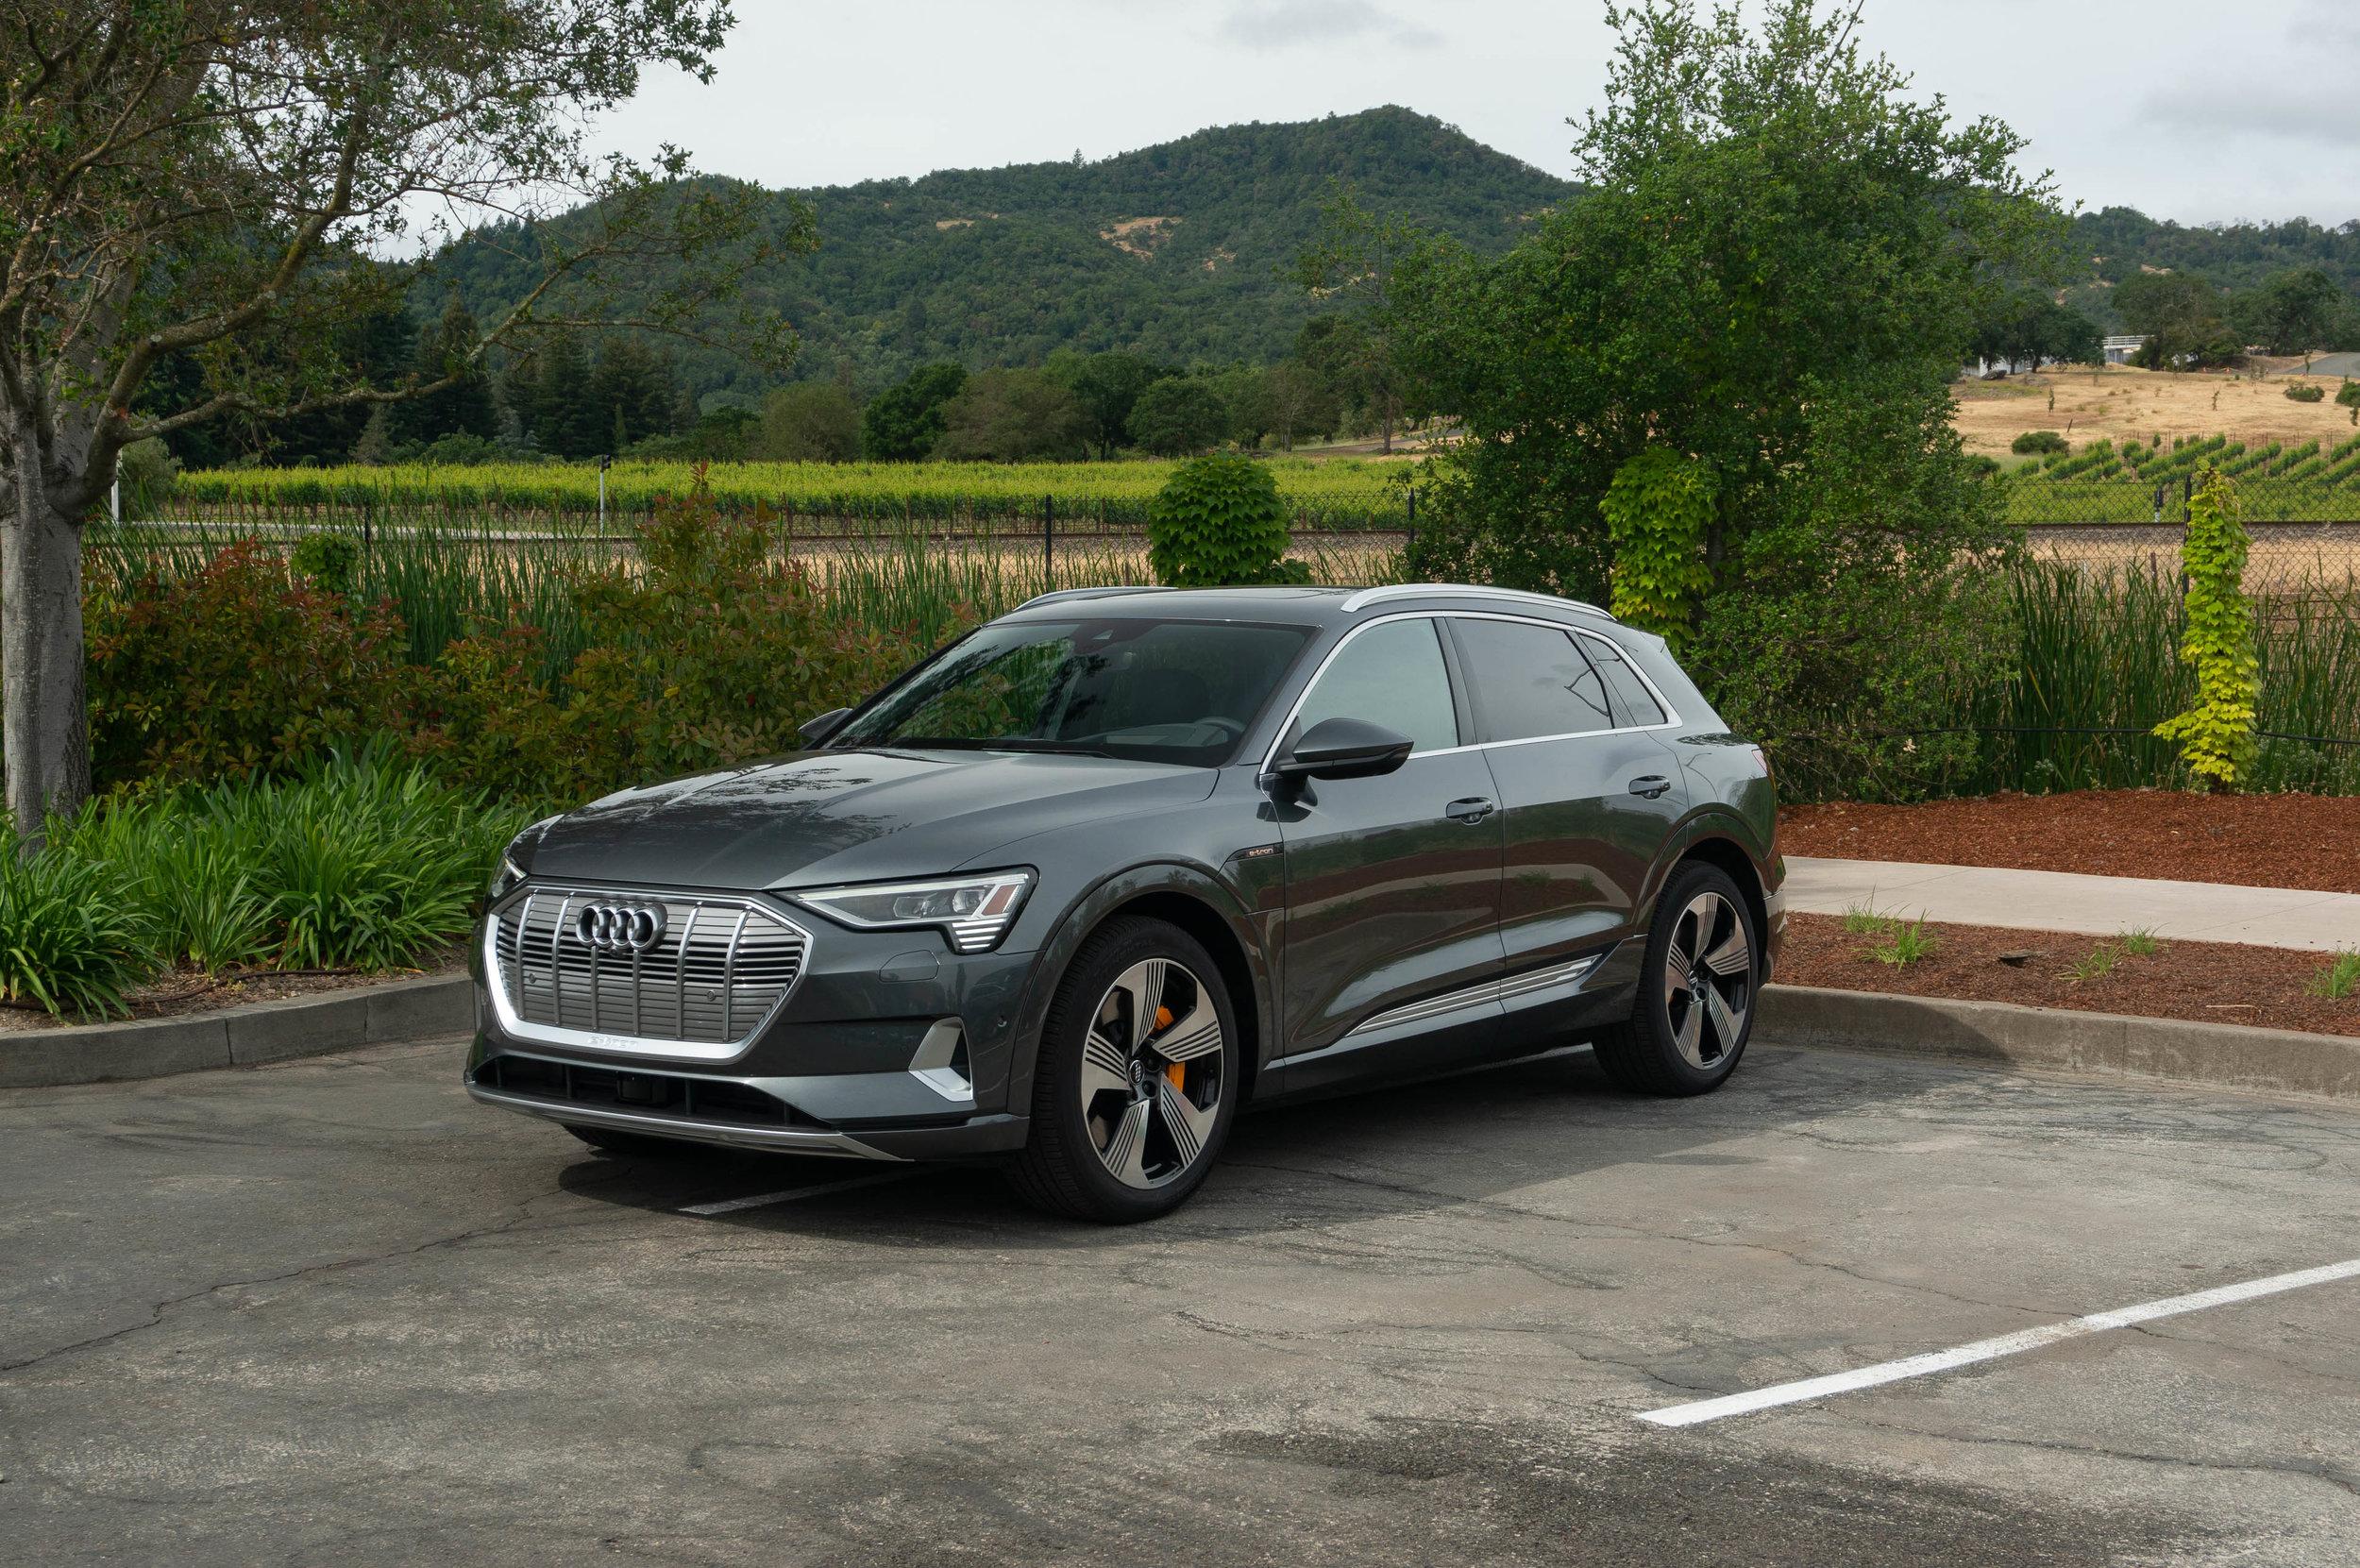 Audi etron-5480.jpg